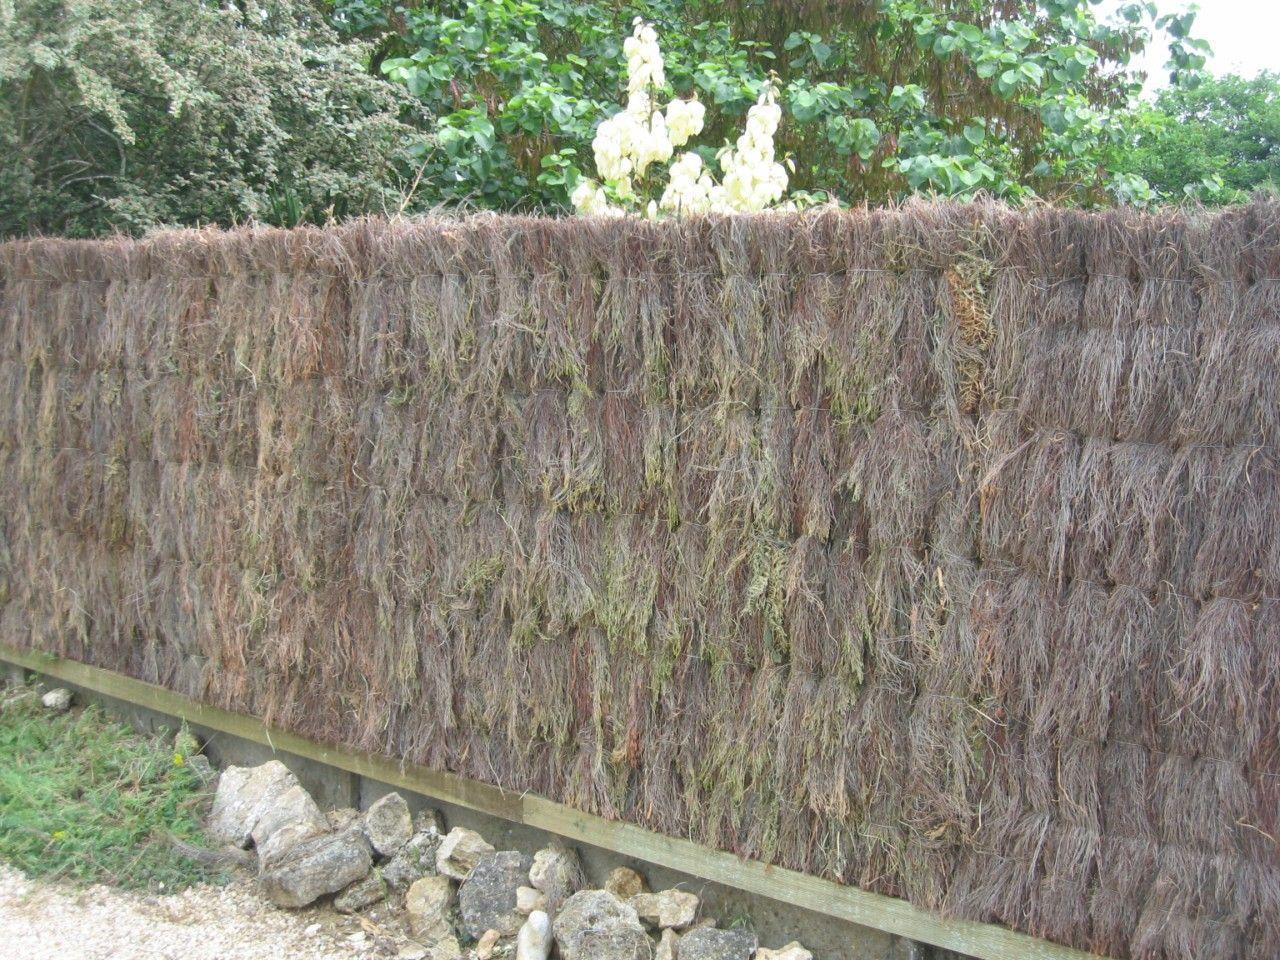 brande de bruy re paisse en panneaux d co jardin. Black Bedroom Furniture Sets. Home Design Ideas